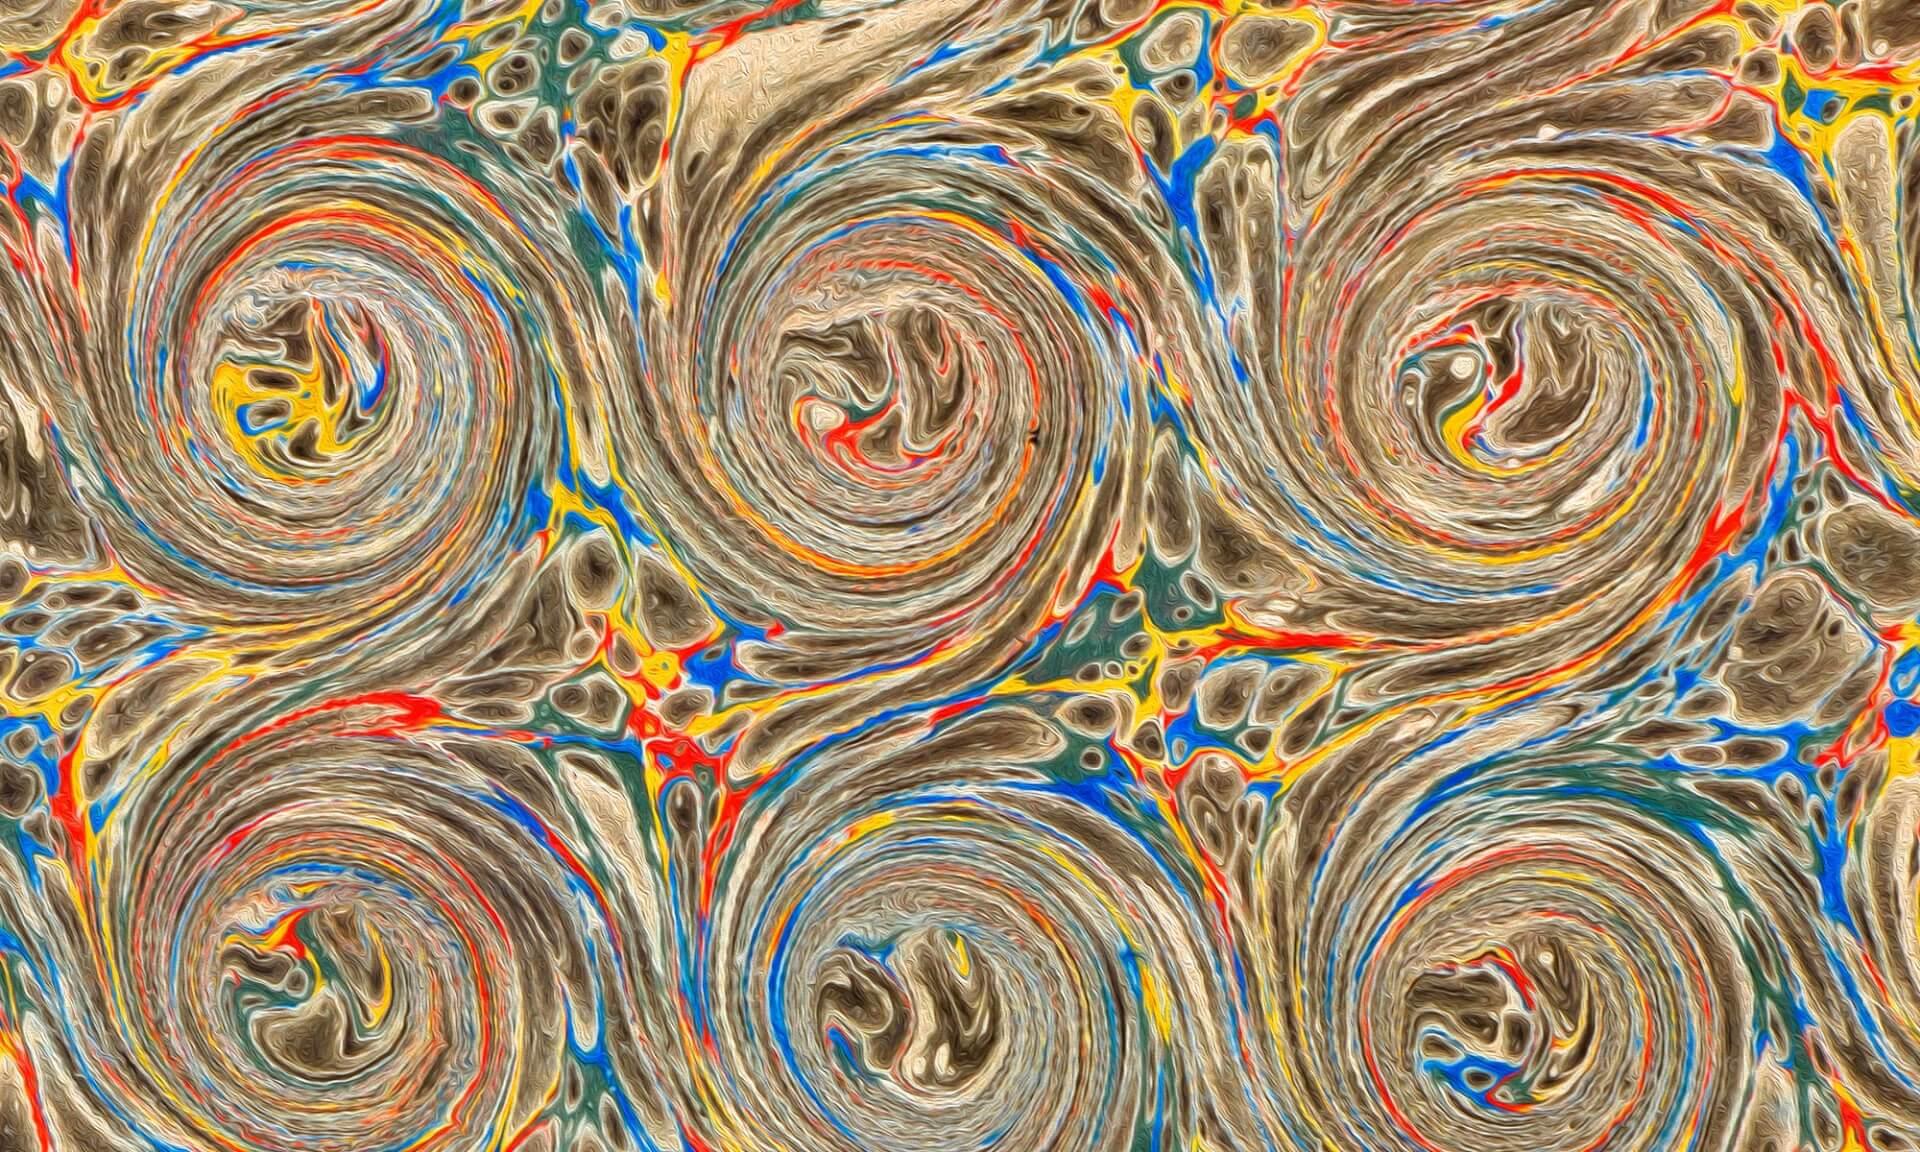 Ink Swirl (DE4690) Hue/Sat Doug Garrabrants